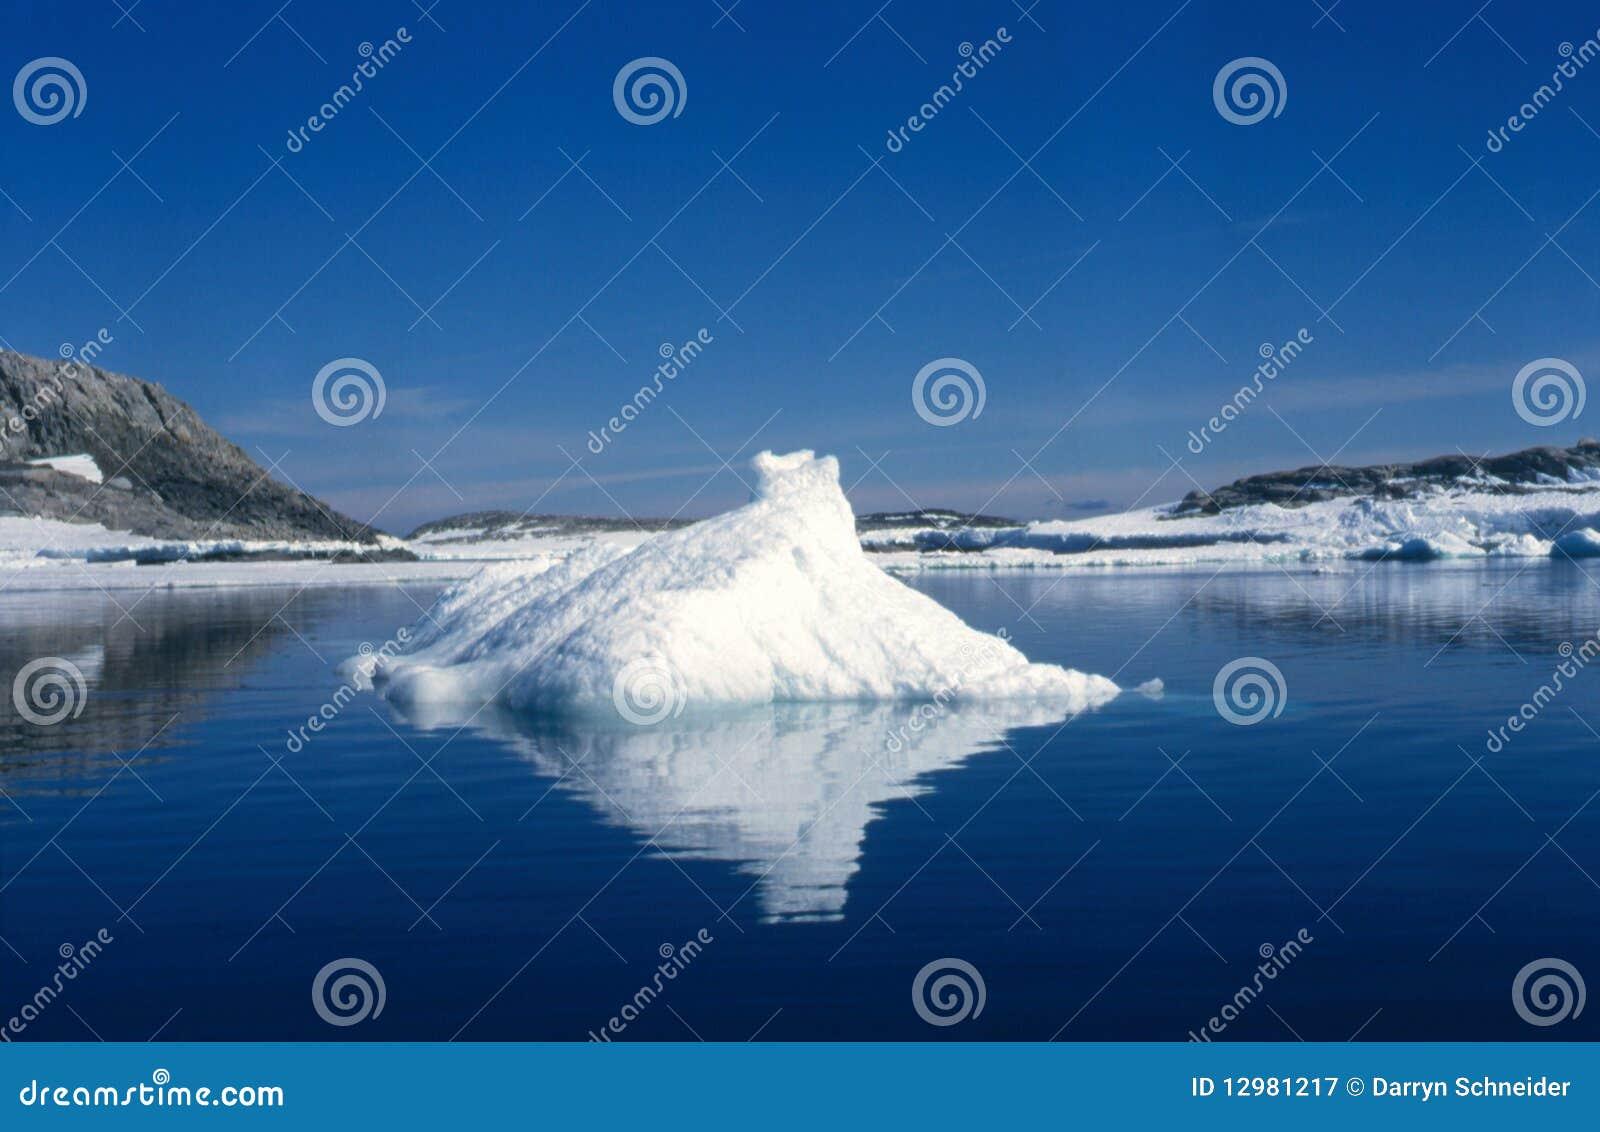 Antarctic Iceberg III